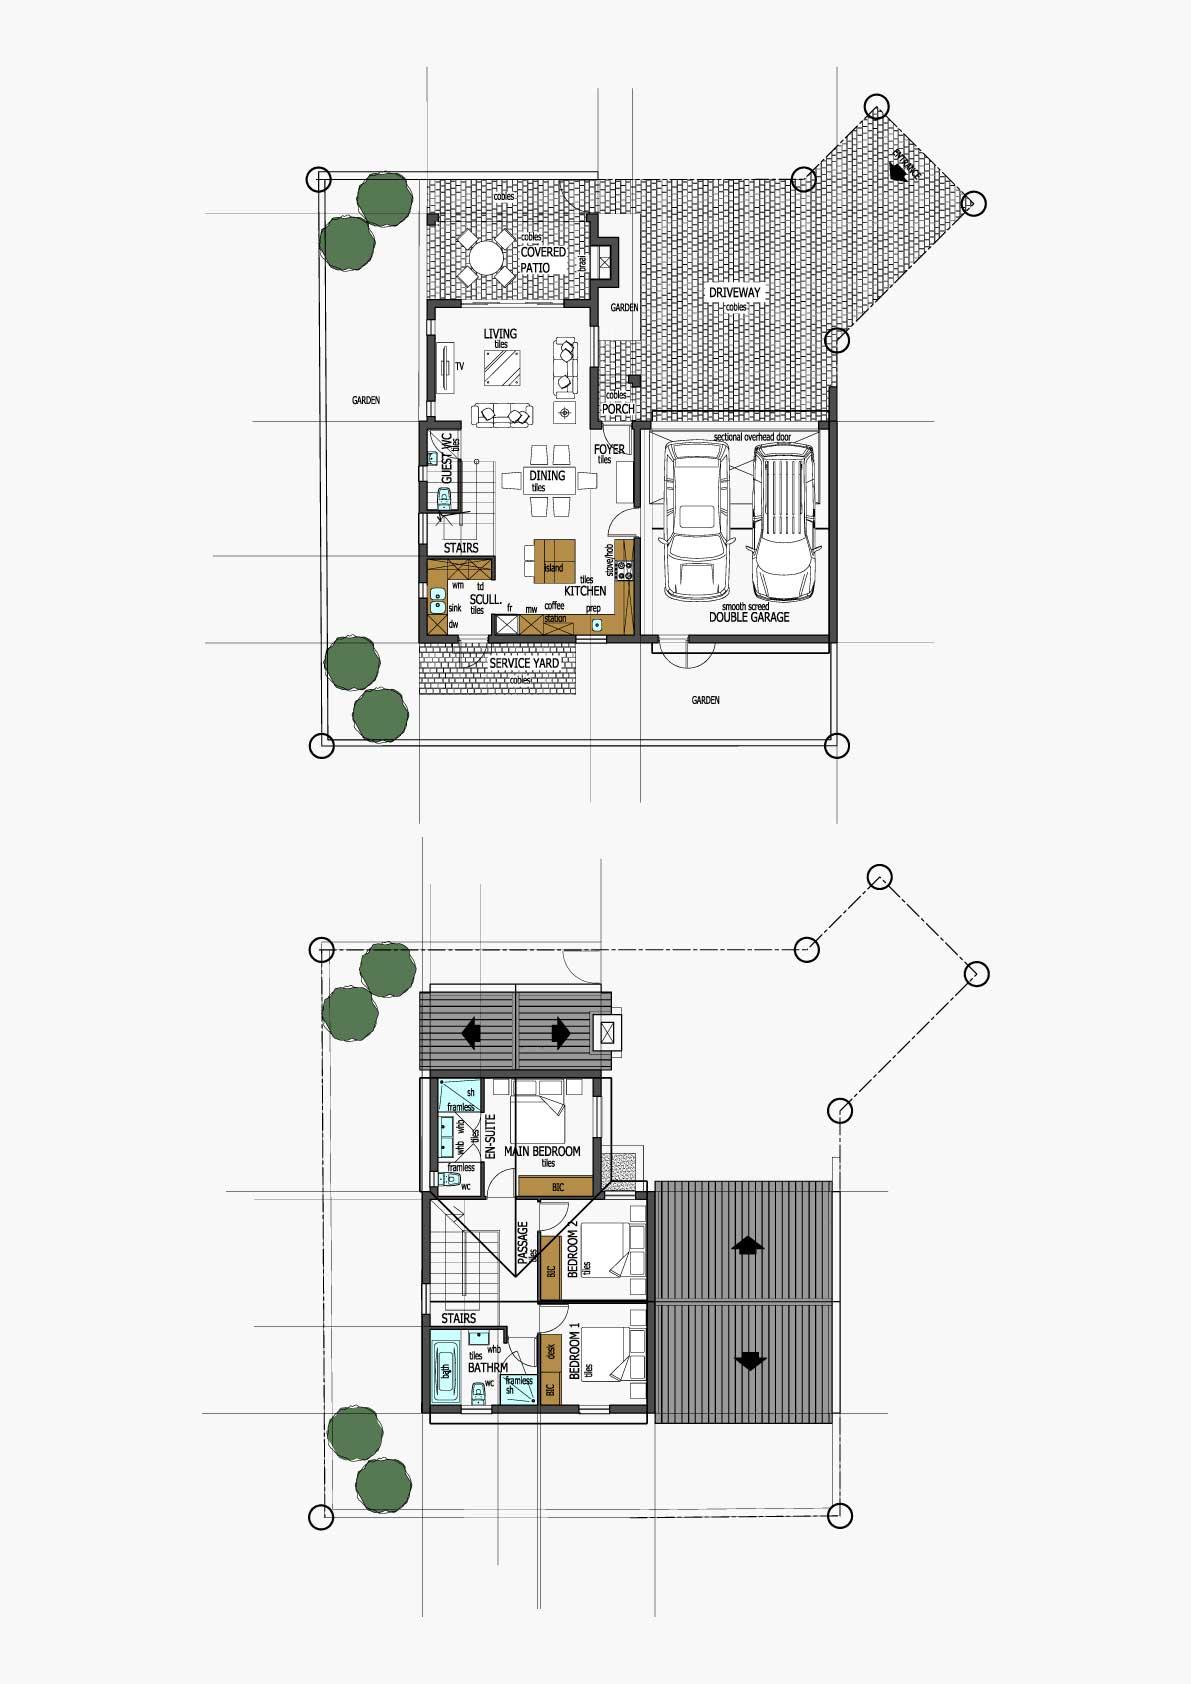 Homes Unit Layout - Type D